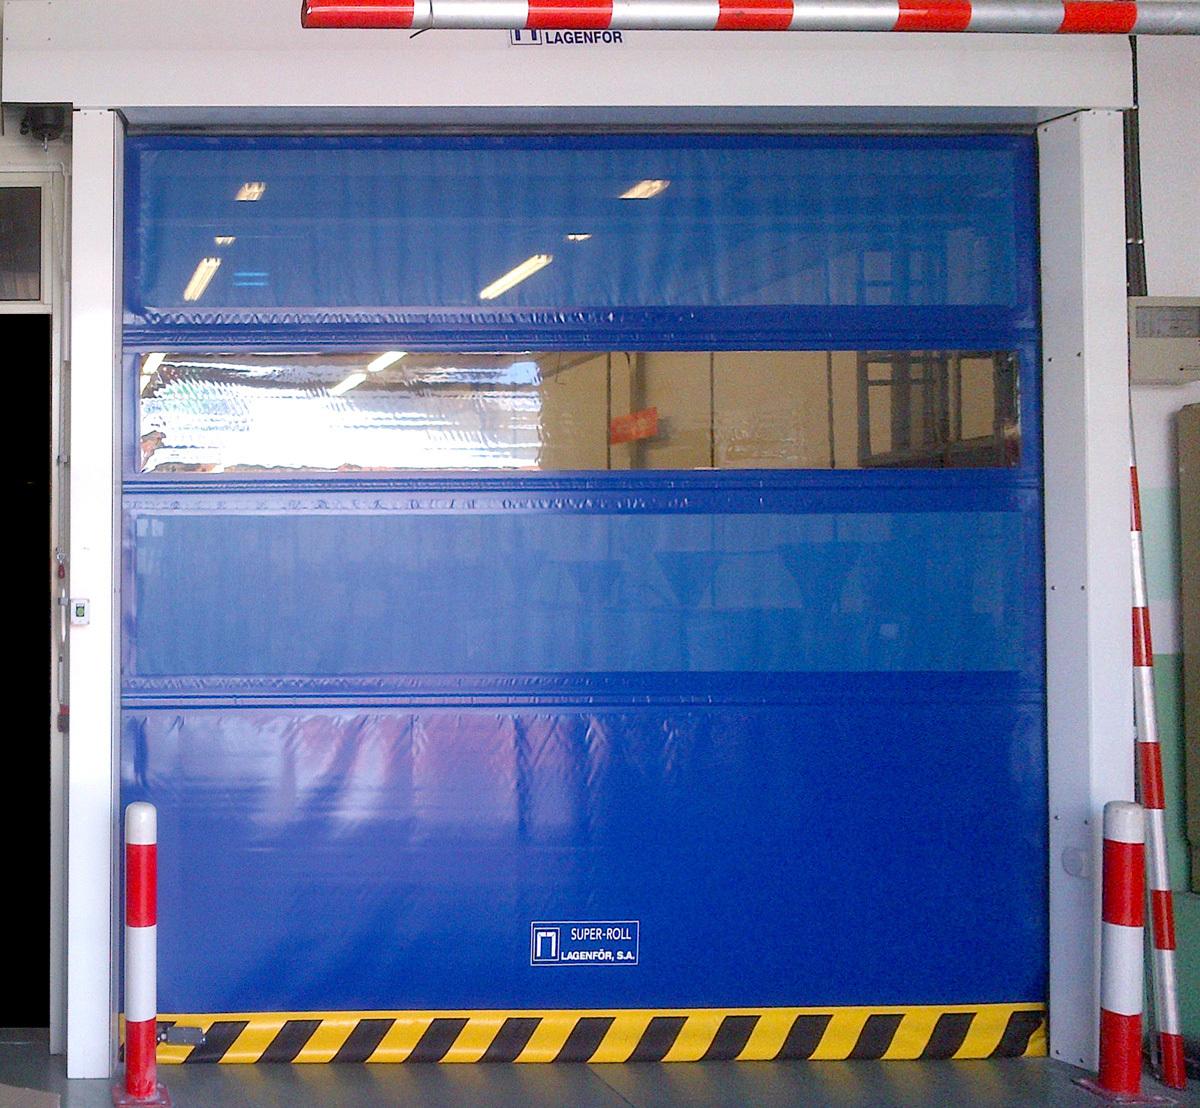 Puerta super roll 20140409 53